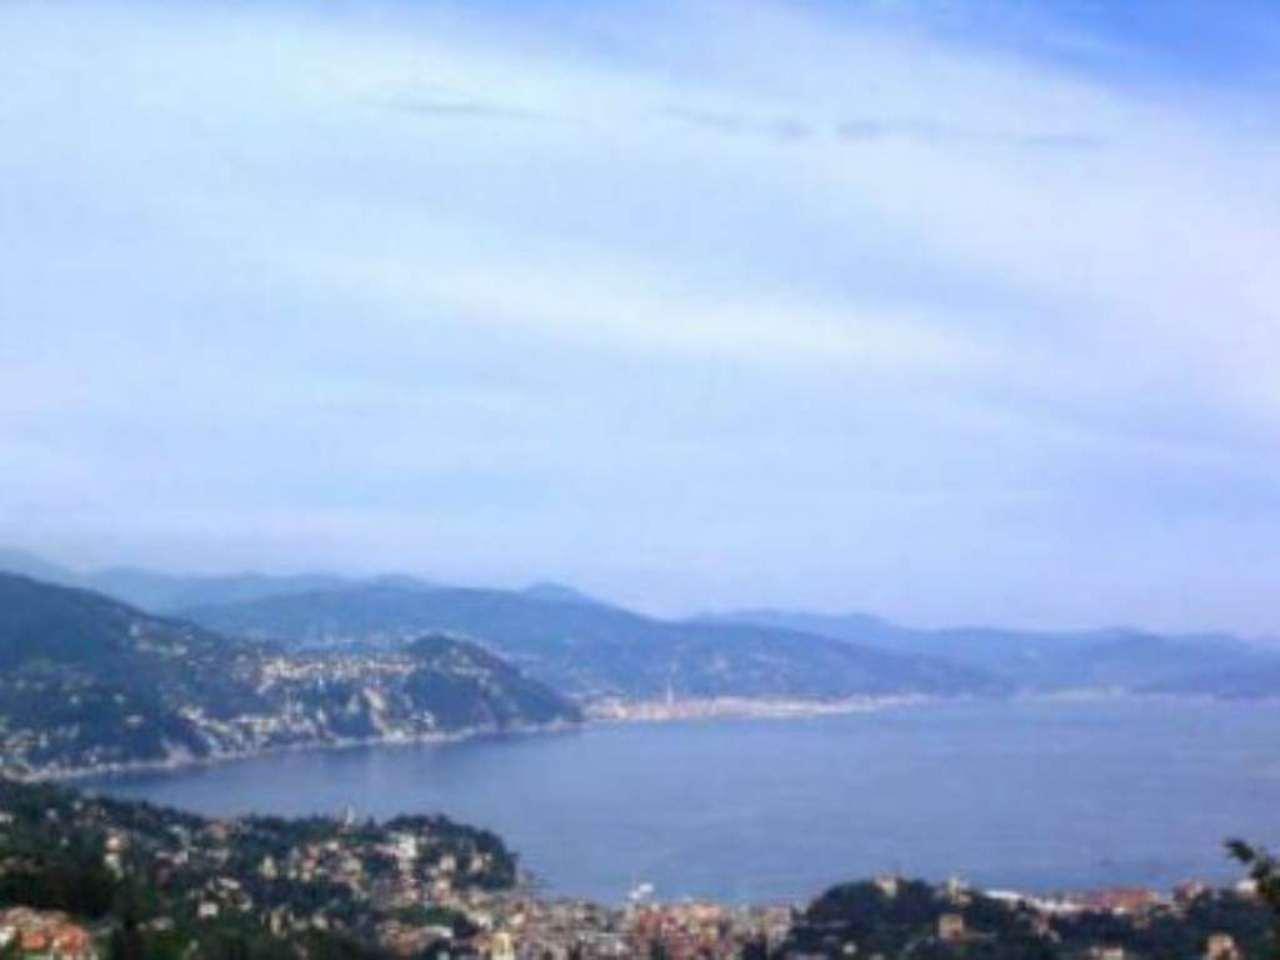 Villa in vendita a Santa Margherita Ligure, 11 locali, prezzo € 1.600.000 | CambioCasa.it